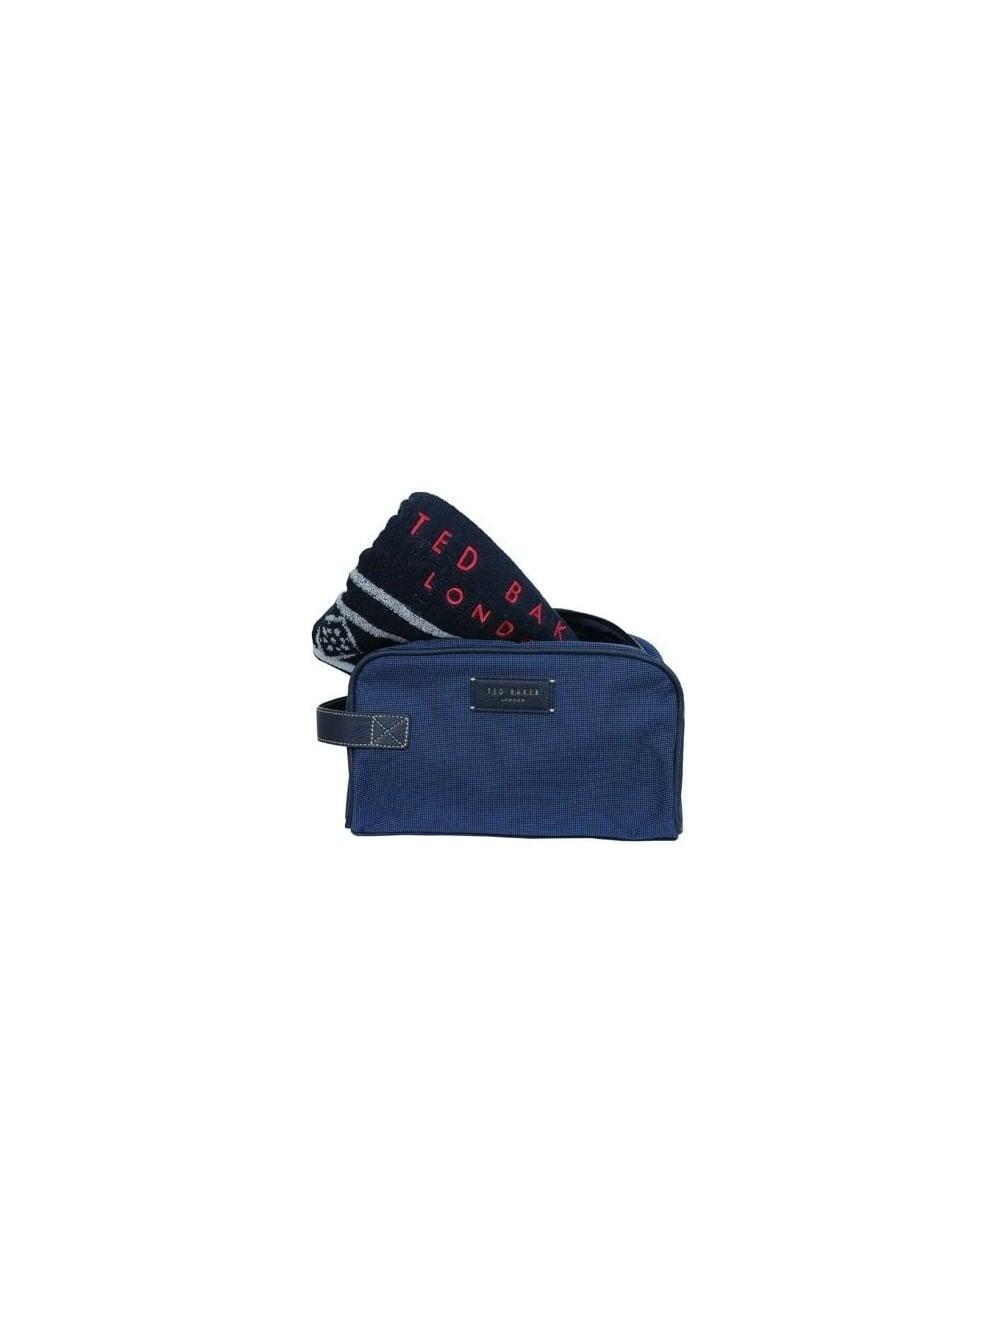 3827ab9d6b36 Ted Baker Getwash Wash Bag   Towel Set in Navy - Northern Threads